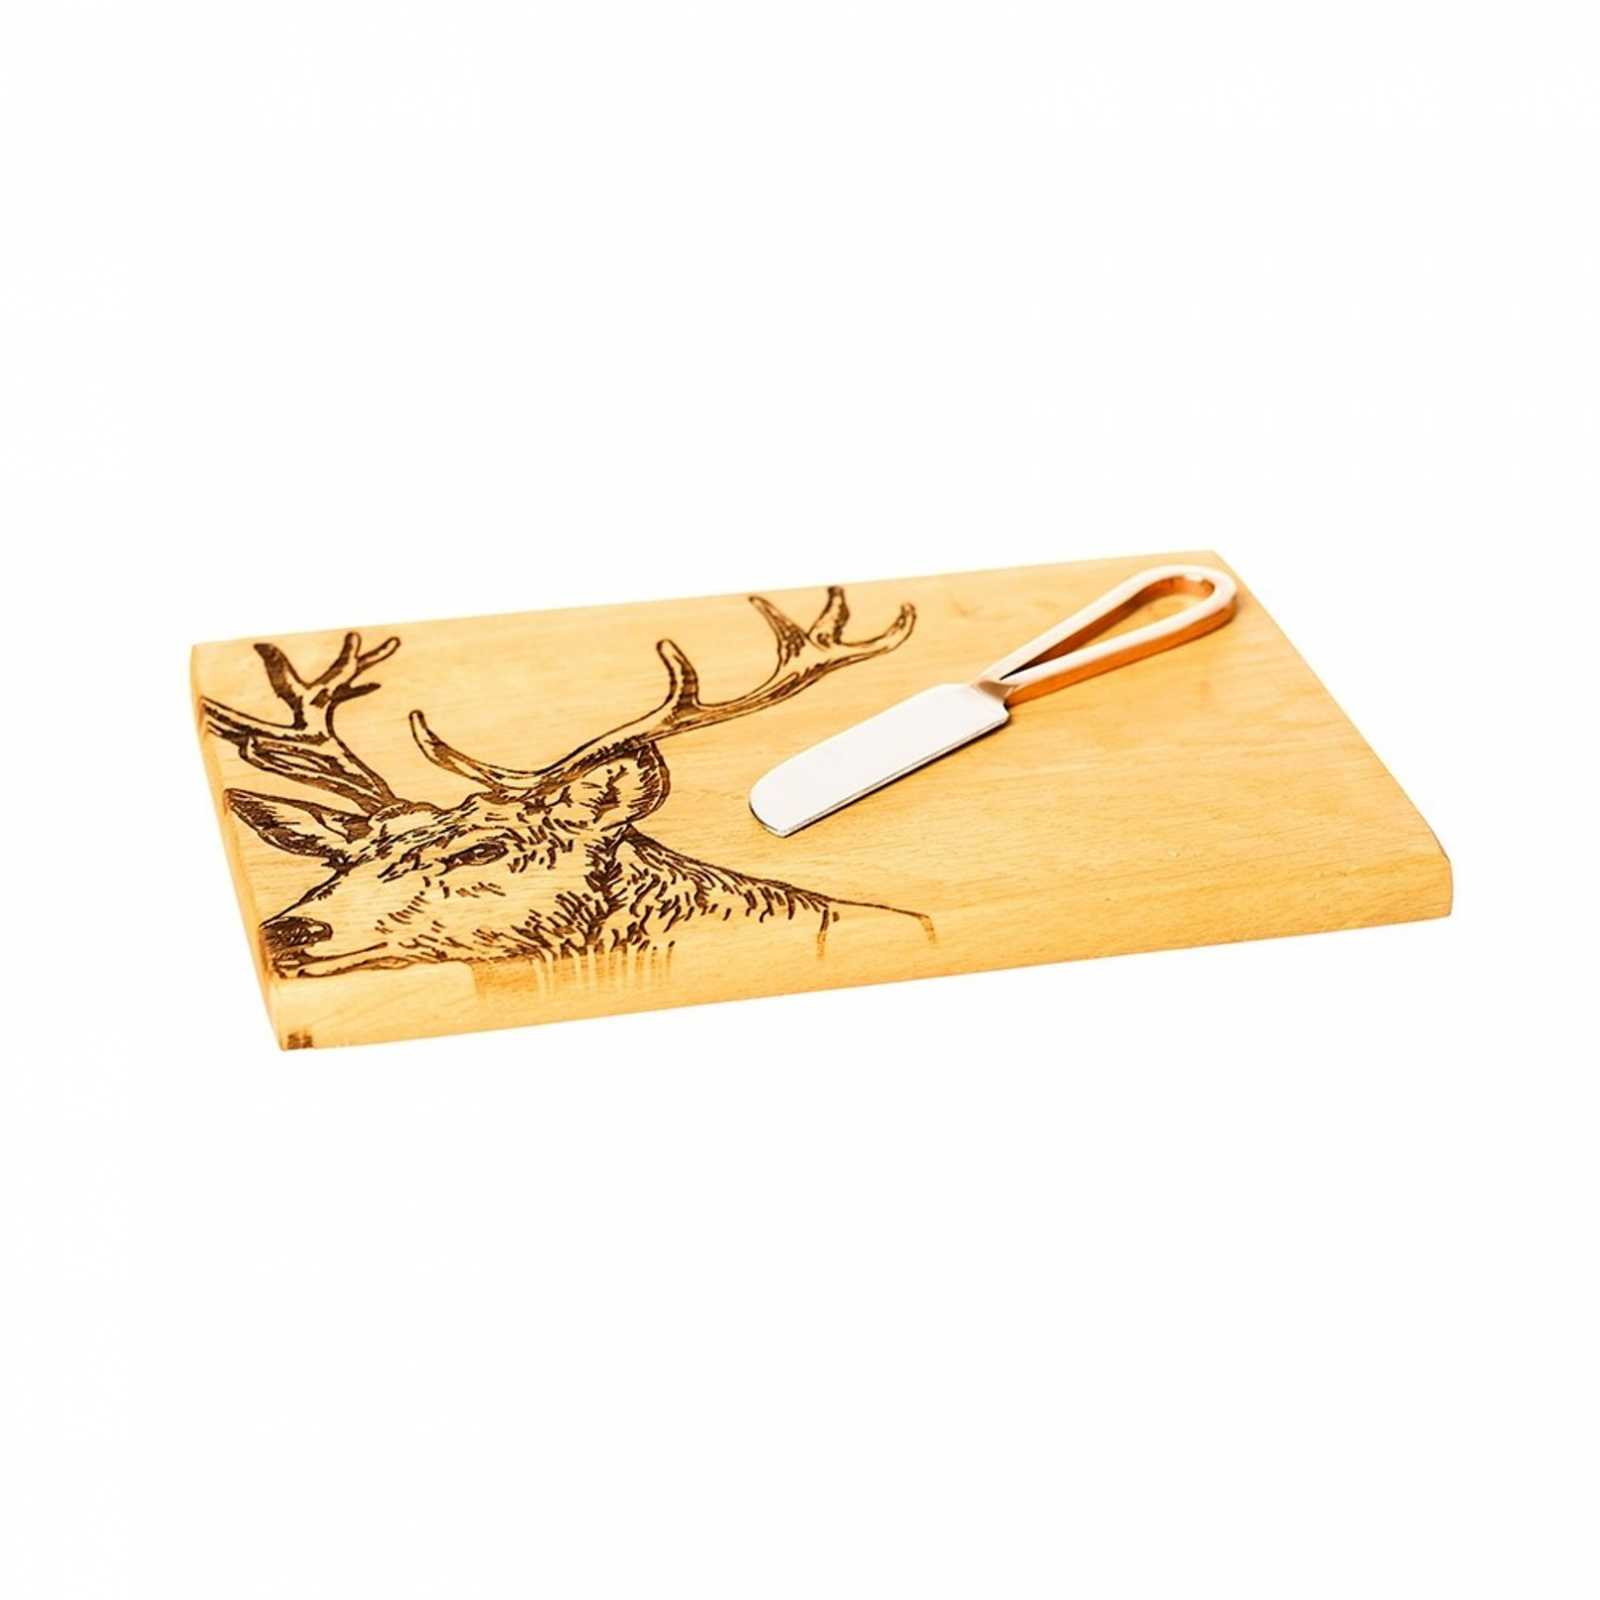 """Онлайн каталог PROMENU: Набор: доска деревянная с гравировкой """"Олень"""" и нож для сыра, бежевый, 2 предмета                               JS/SO/CBK/S"""